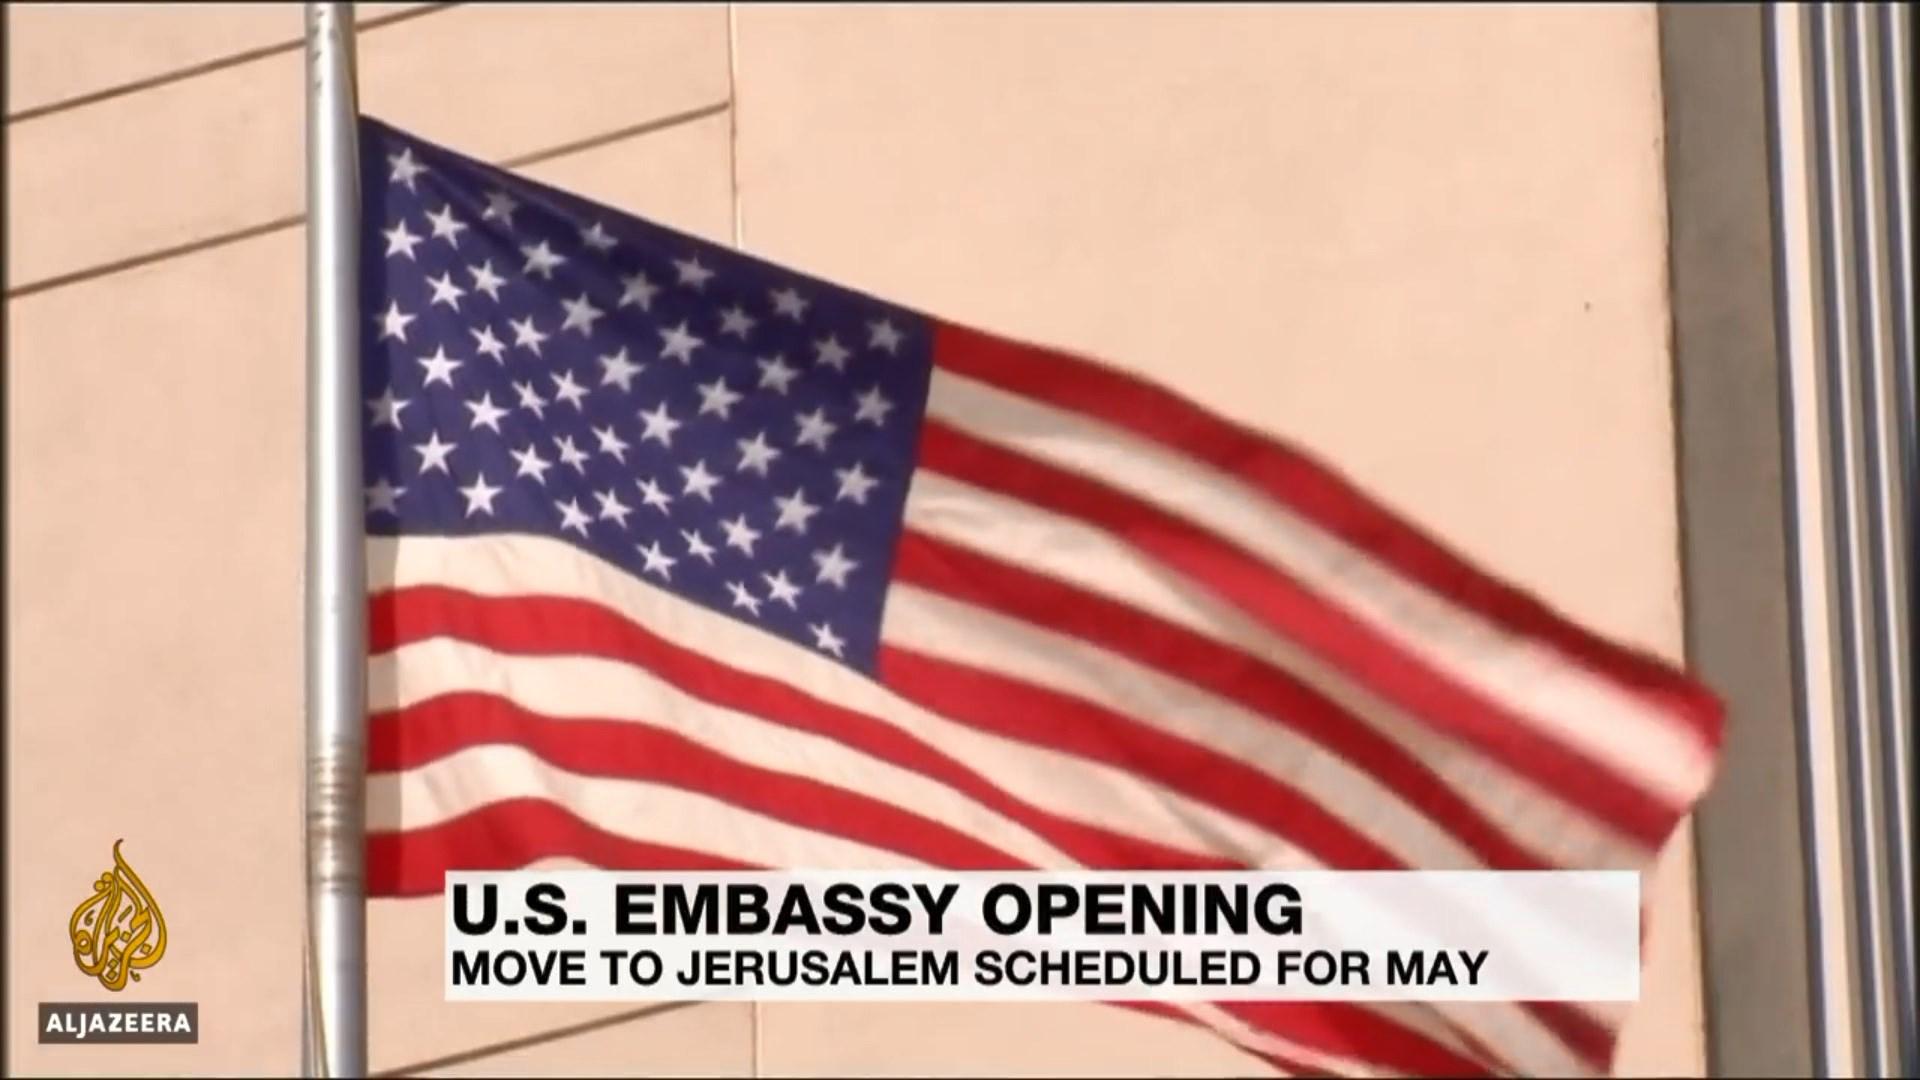 Përurimi i ambasadës amerikane në Jeruzalem